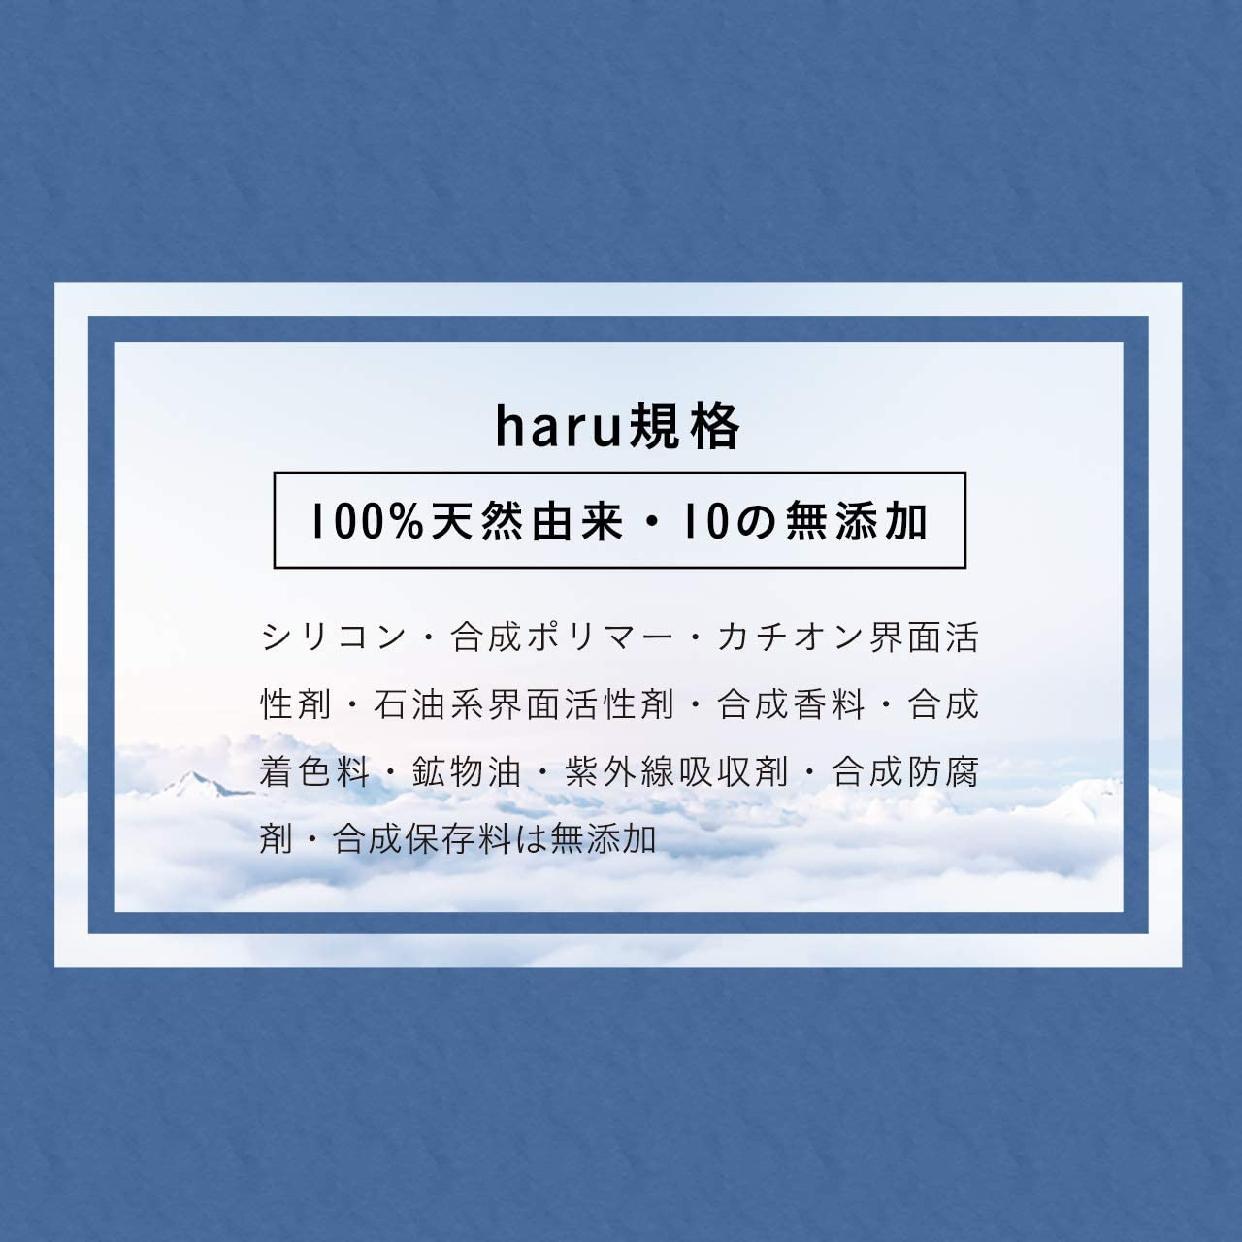 haru(ハル) メンズ スカルプ・プロの商品画像10